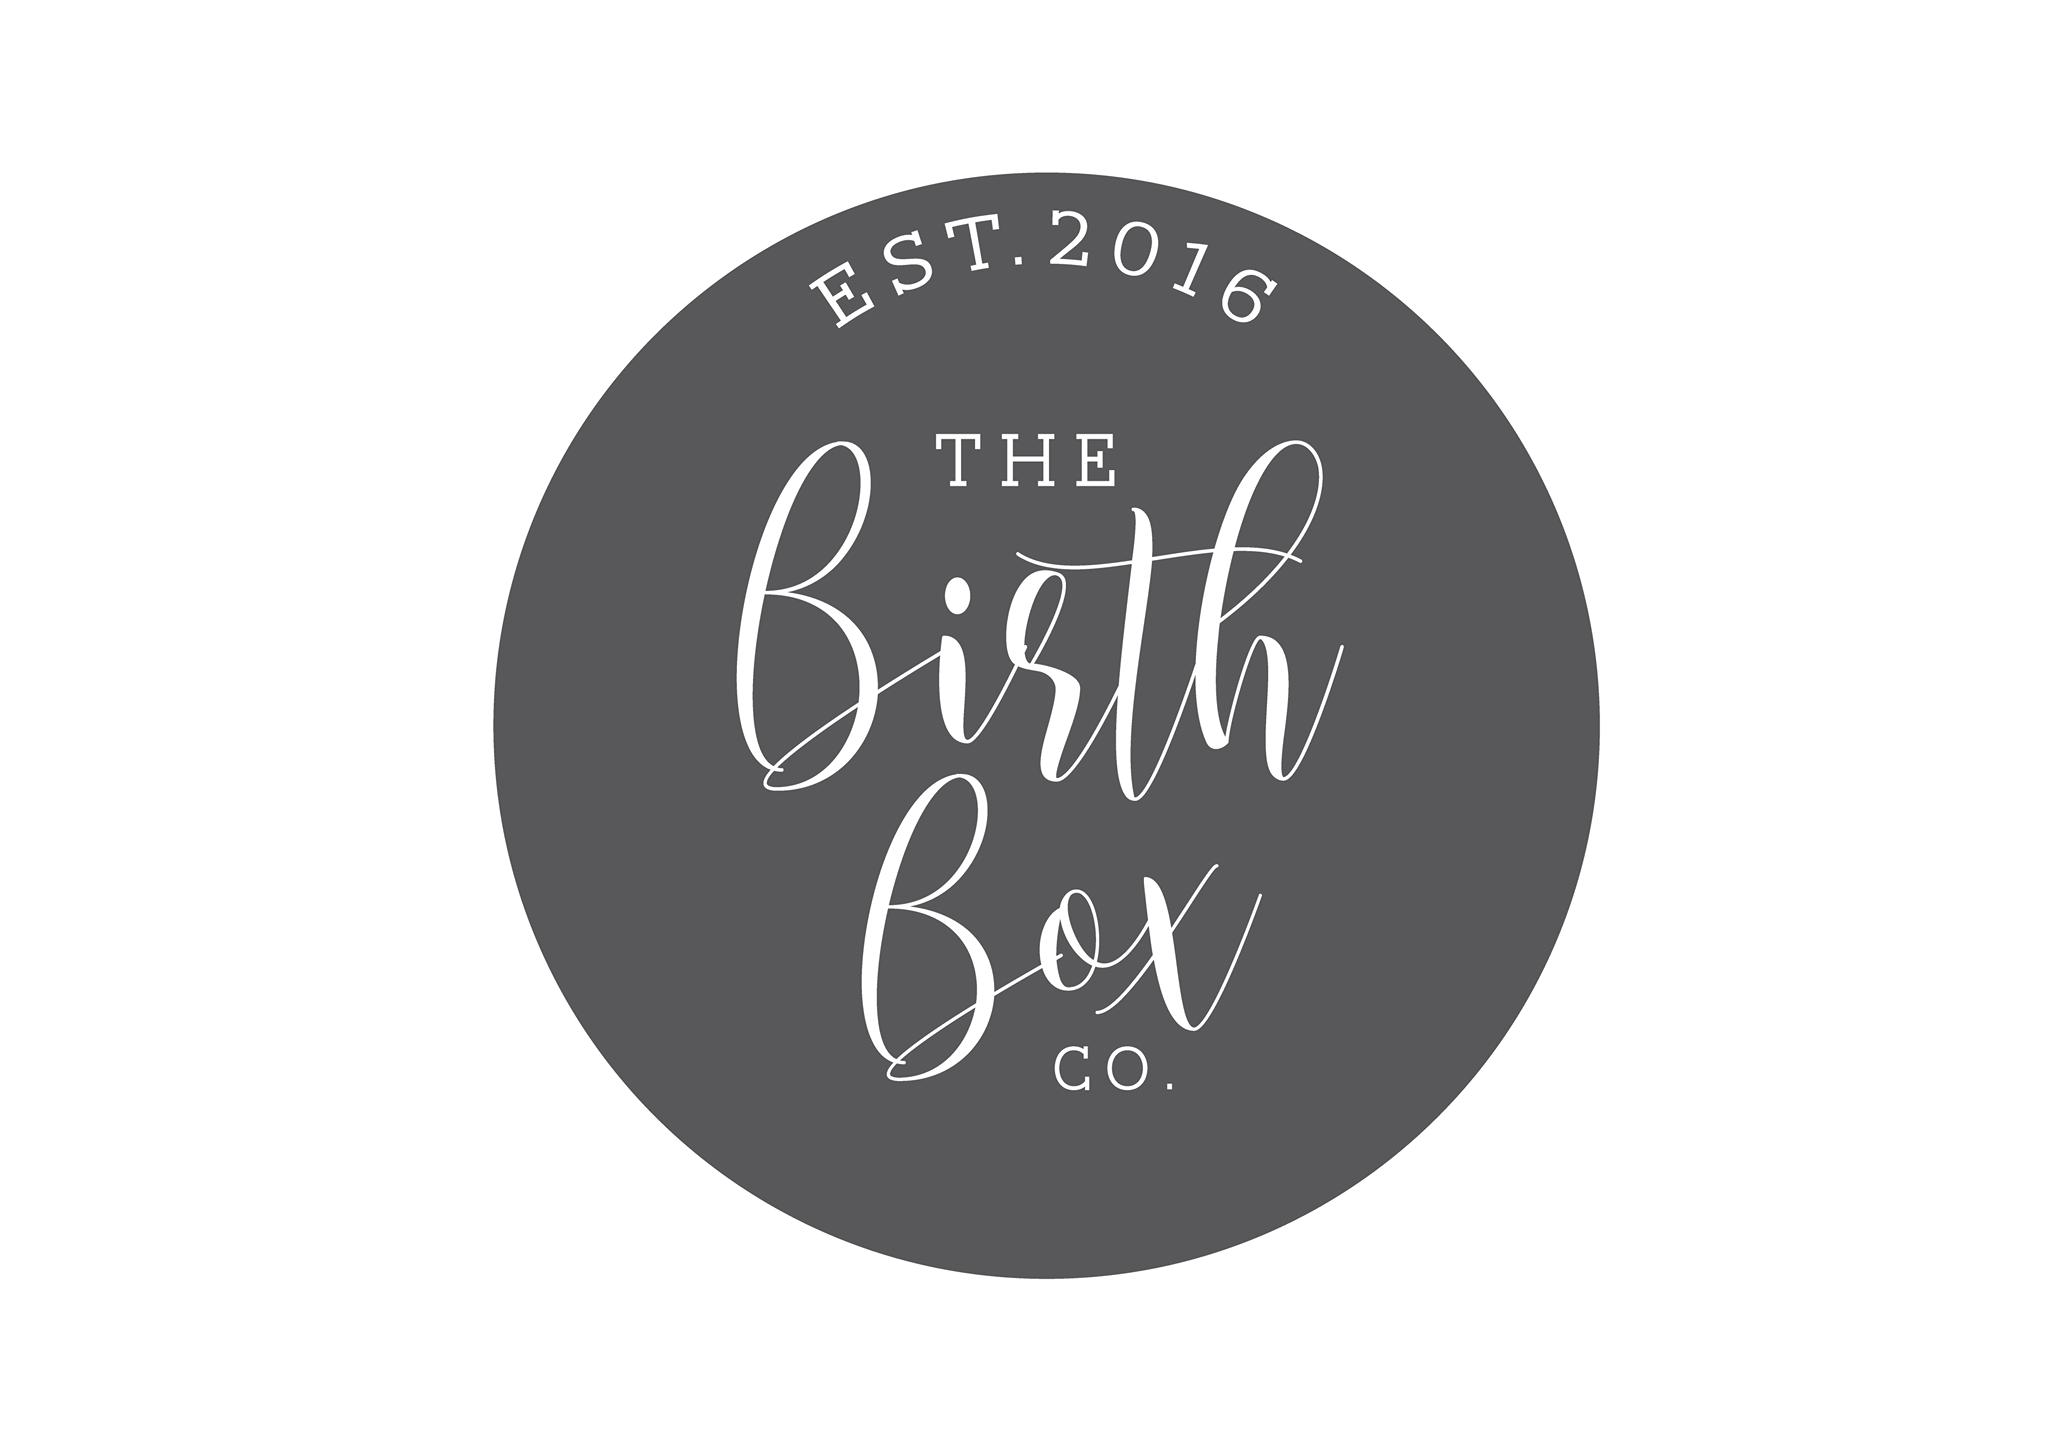 theBB logo